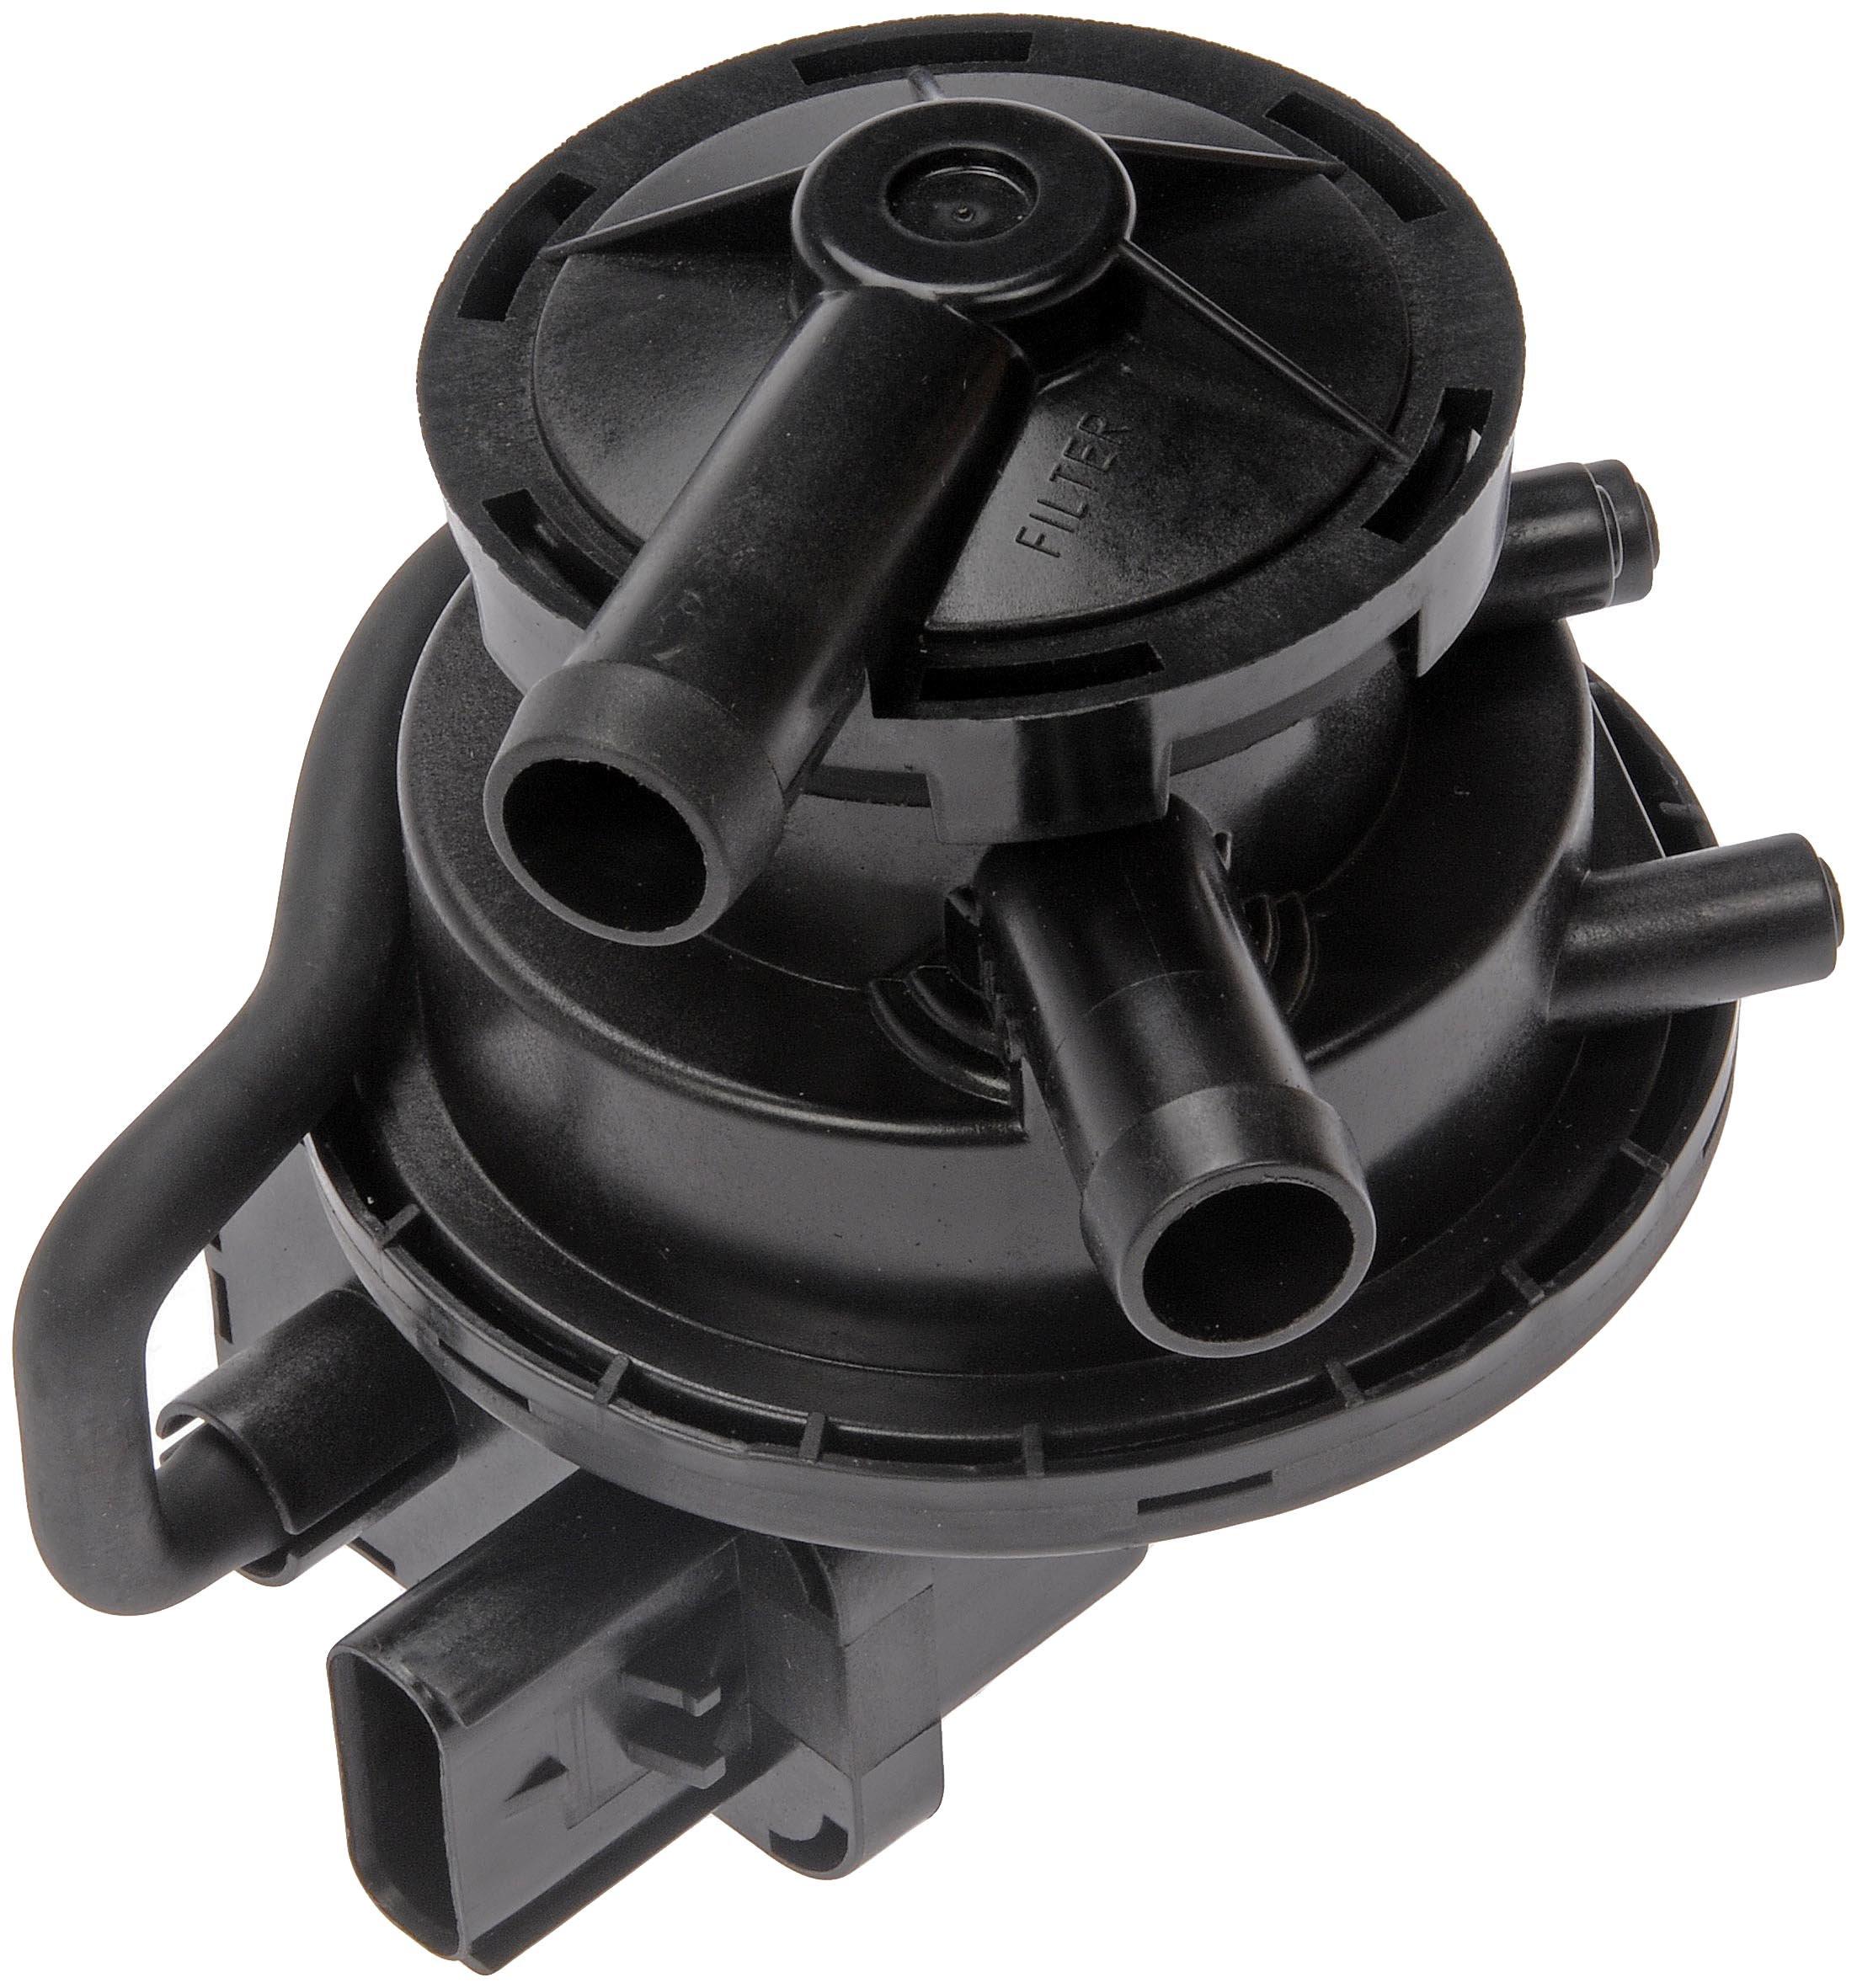 Dorman 310-210 Fuel Vapor Leak Detection Pump